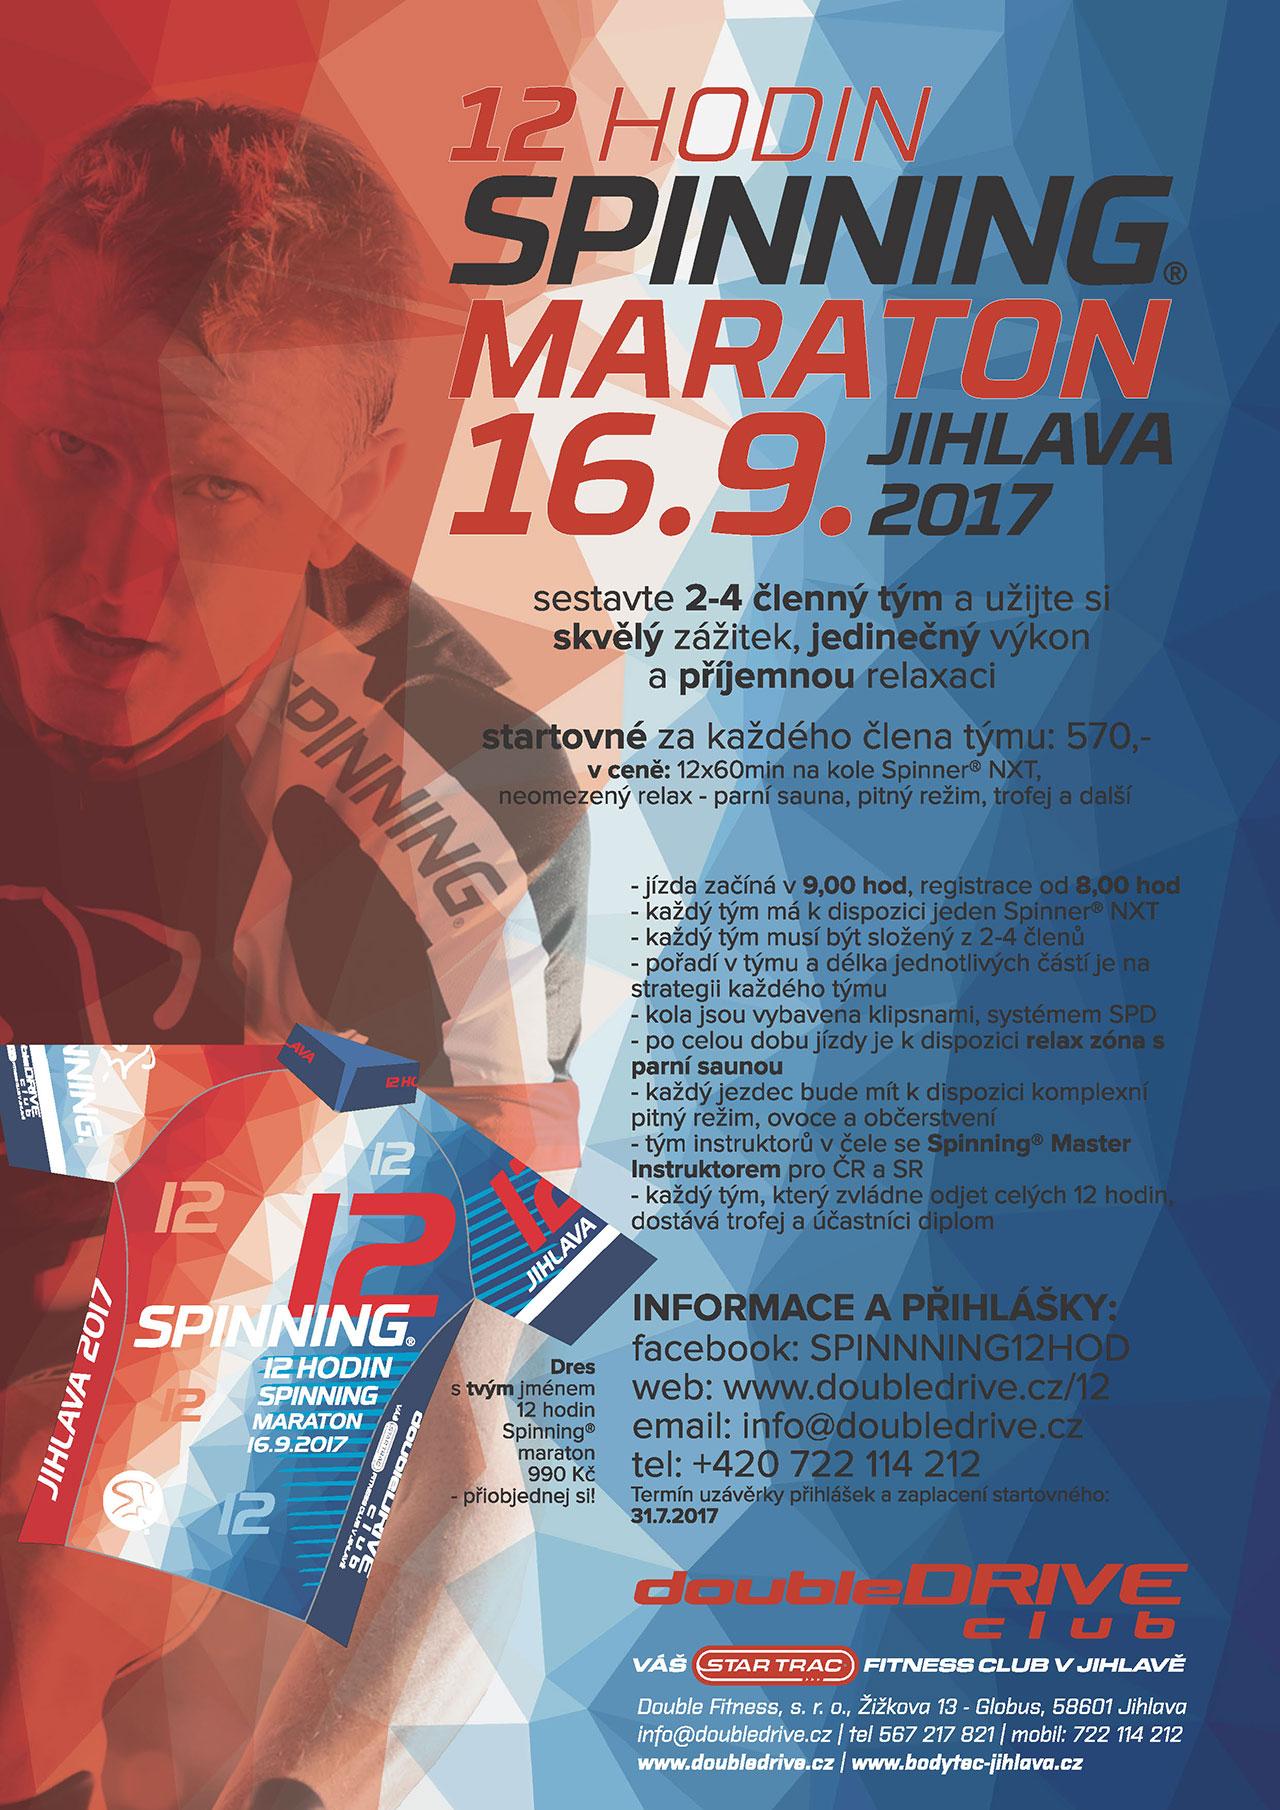 12hod spinning maraton